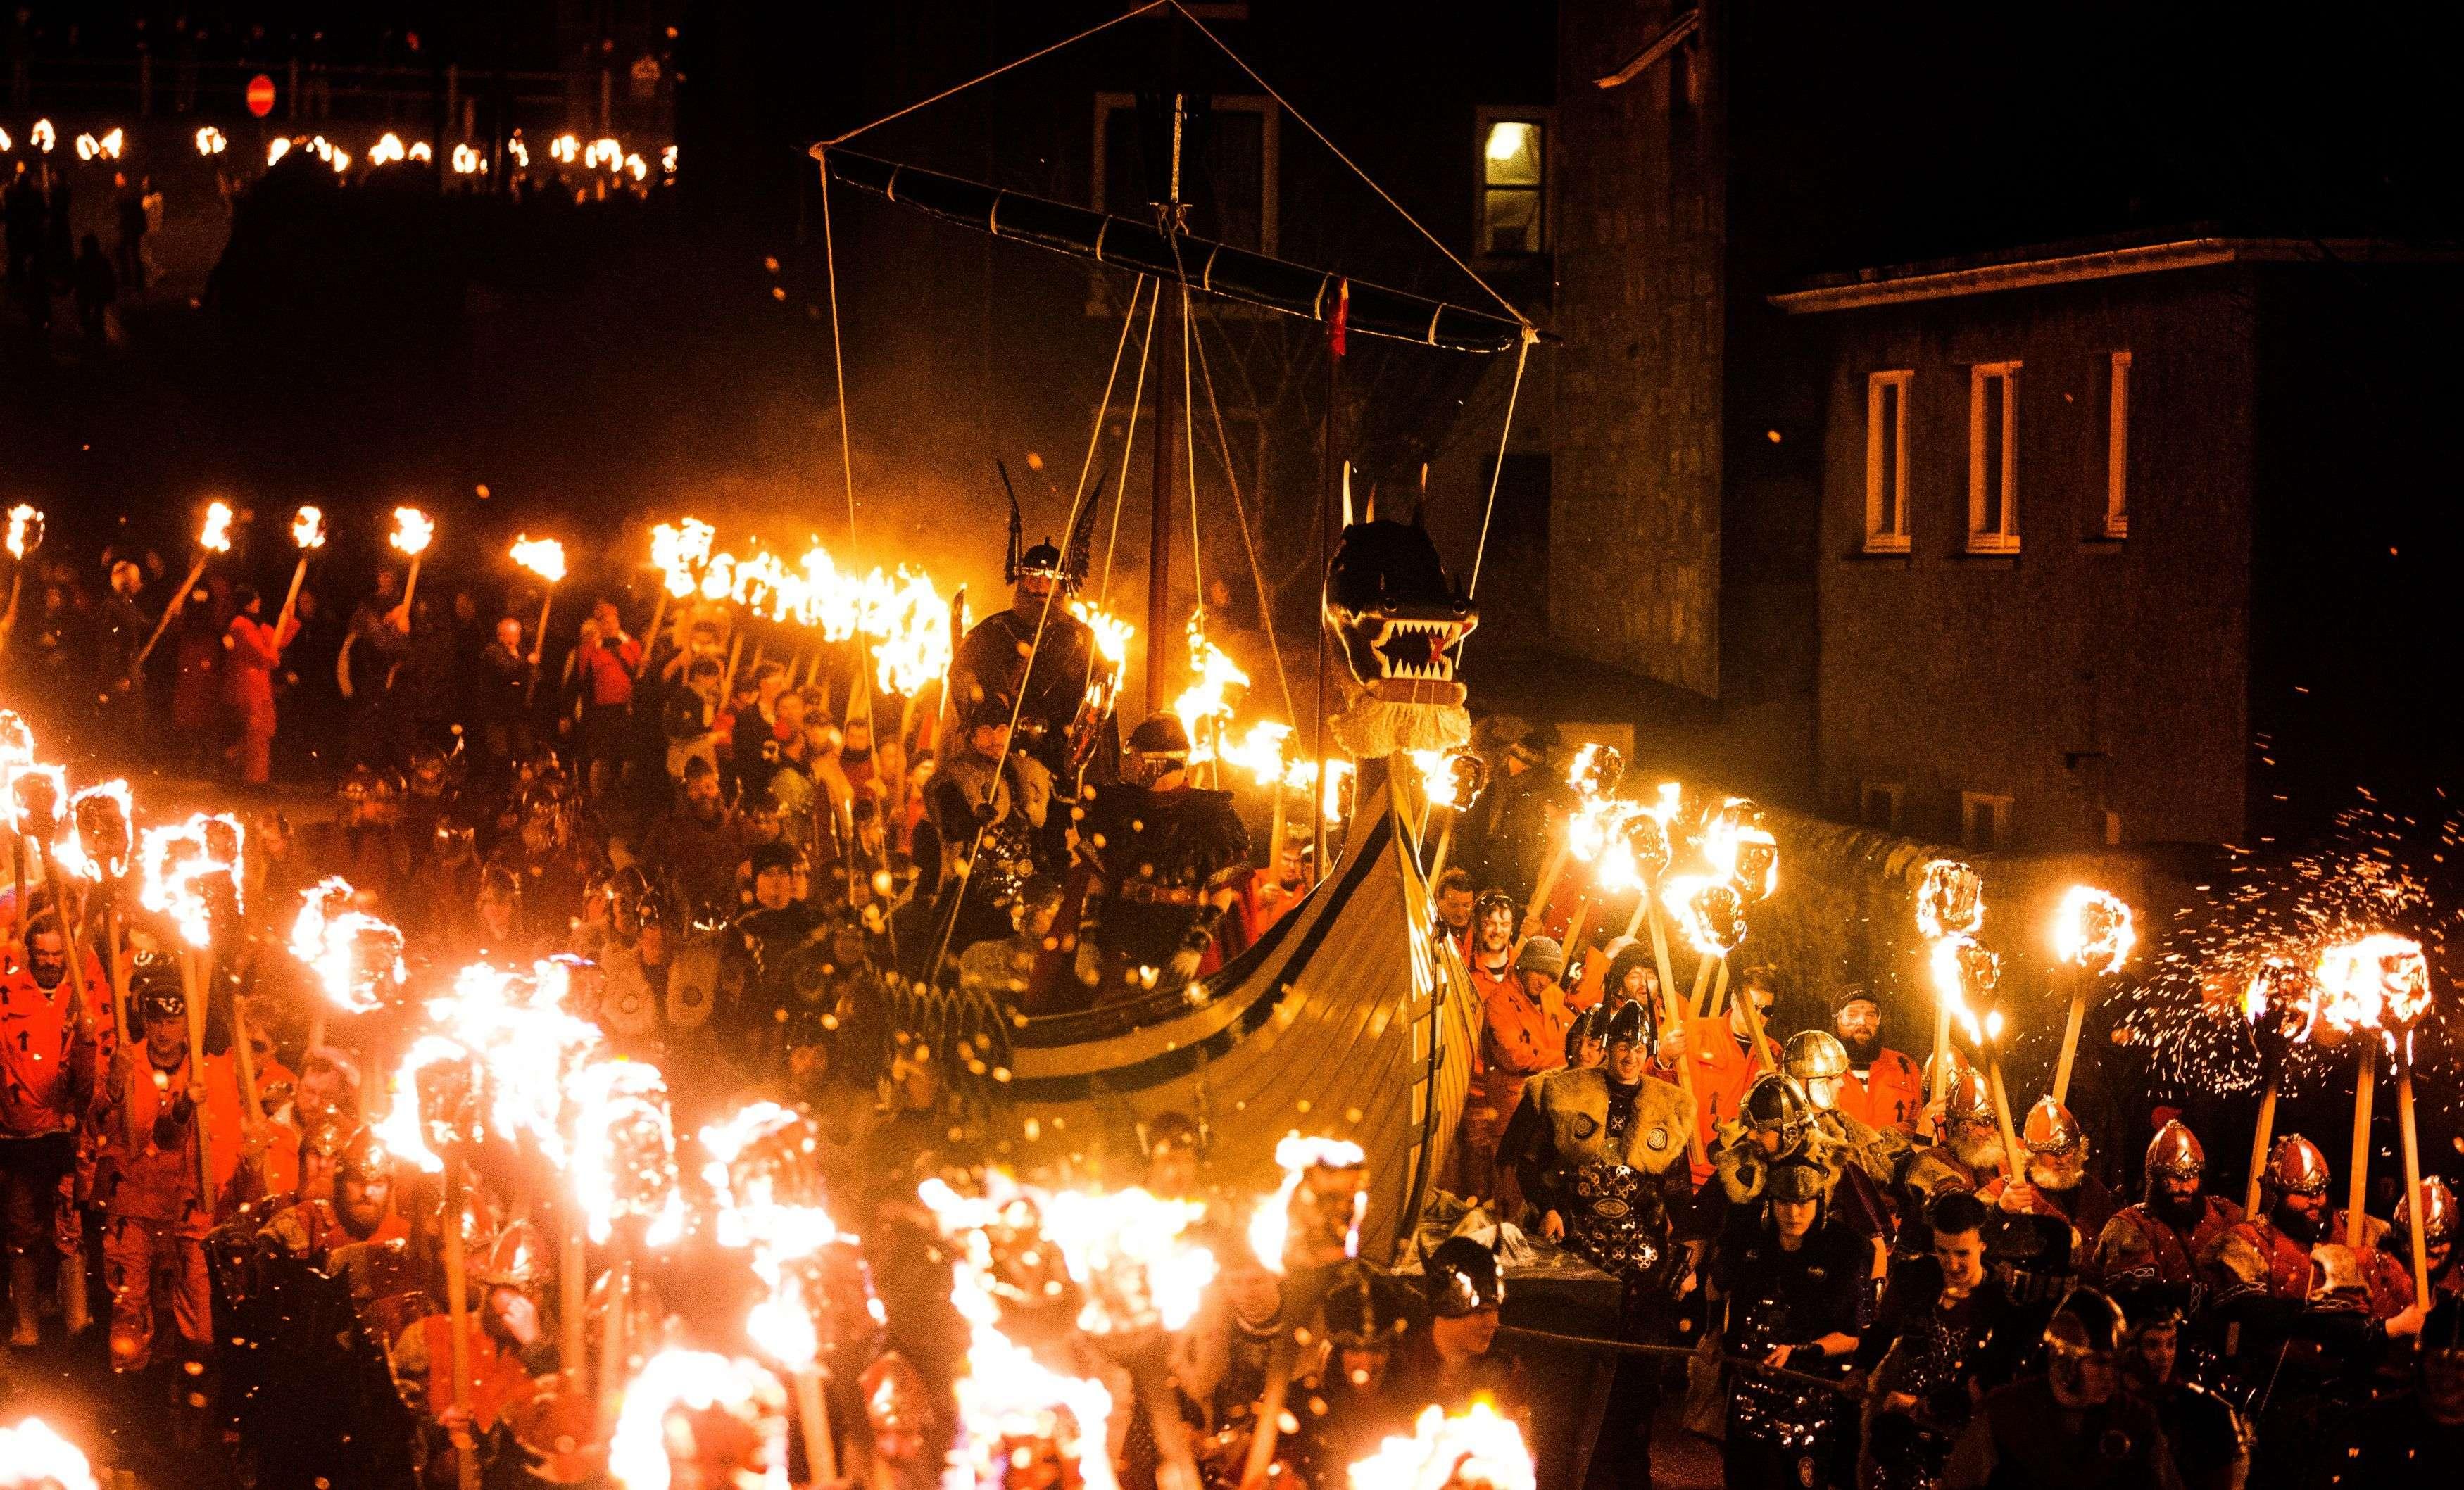 El festival vikingo 'Helly Aa' de Shetland, Escocia, se celebró este martes con cientos de participantes caracterizados como aquellos legendarios guerreros nórdicos y culminó con la quema de una réplica de un barco vikingo. Foto: AP en español